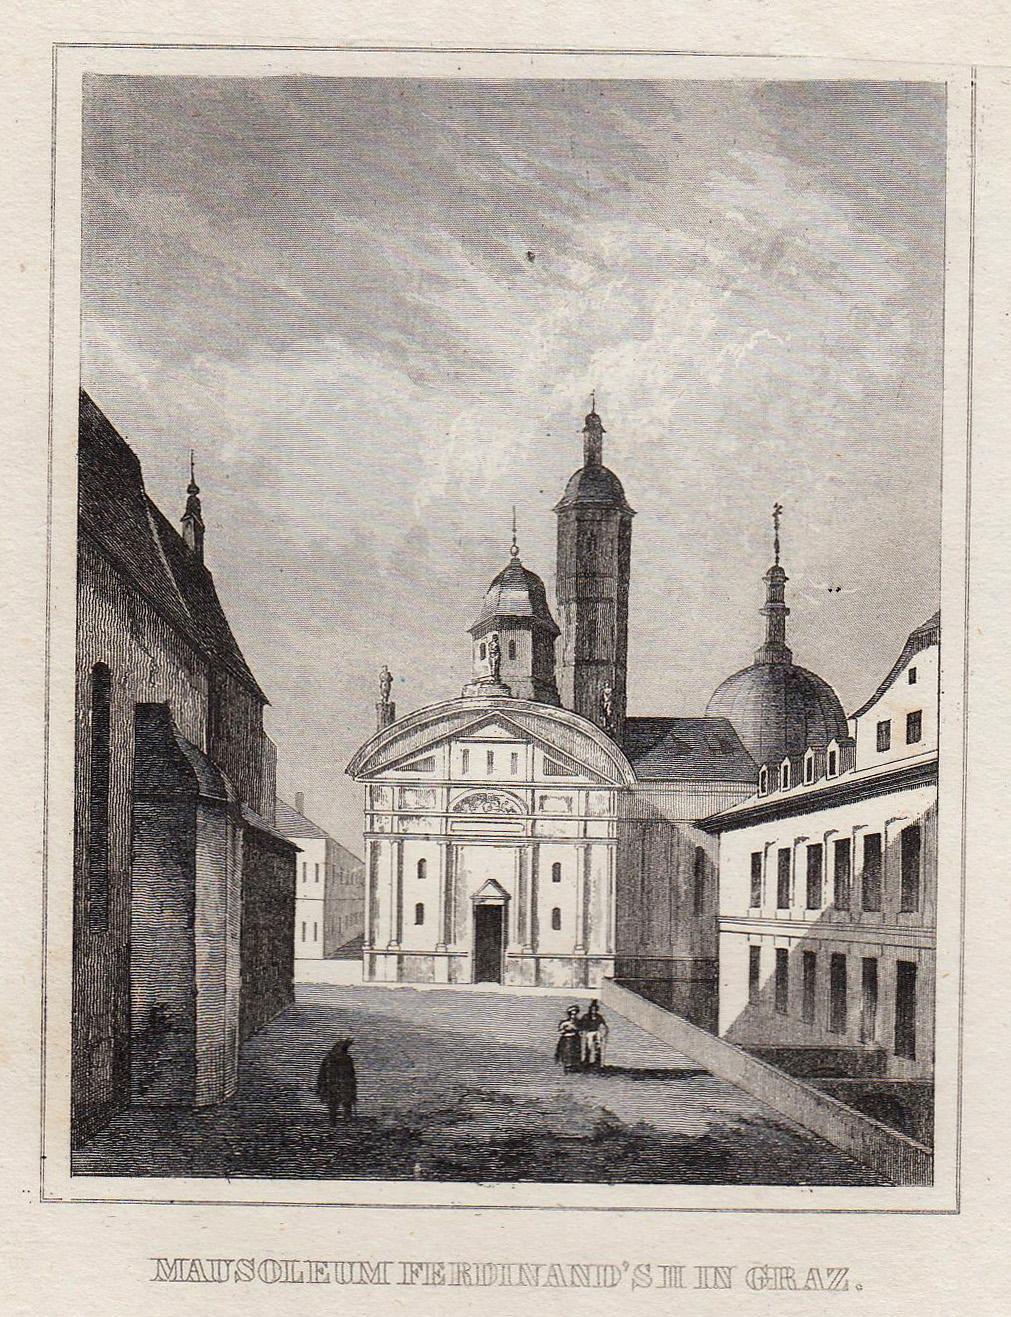 Teilansicht, Mausoleum Ferdinand's in.: Graz: